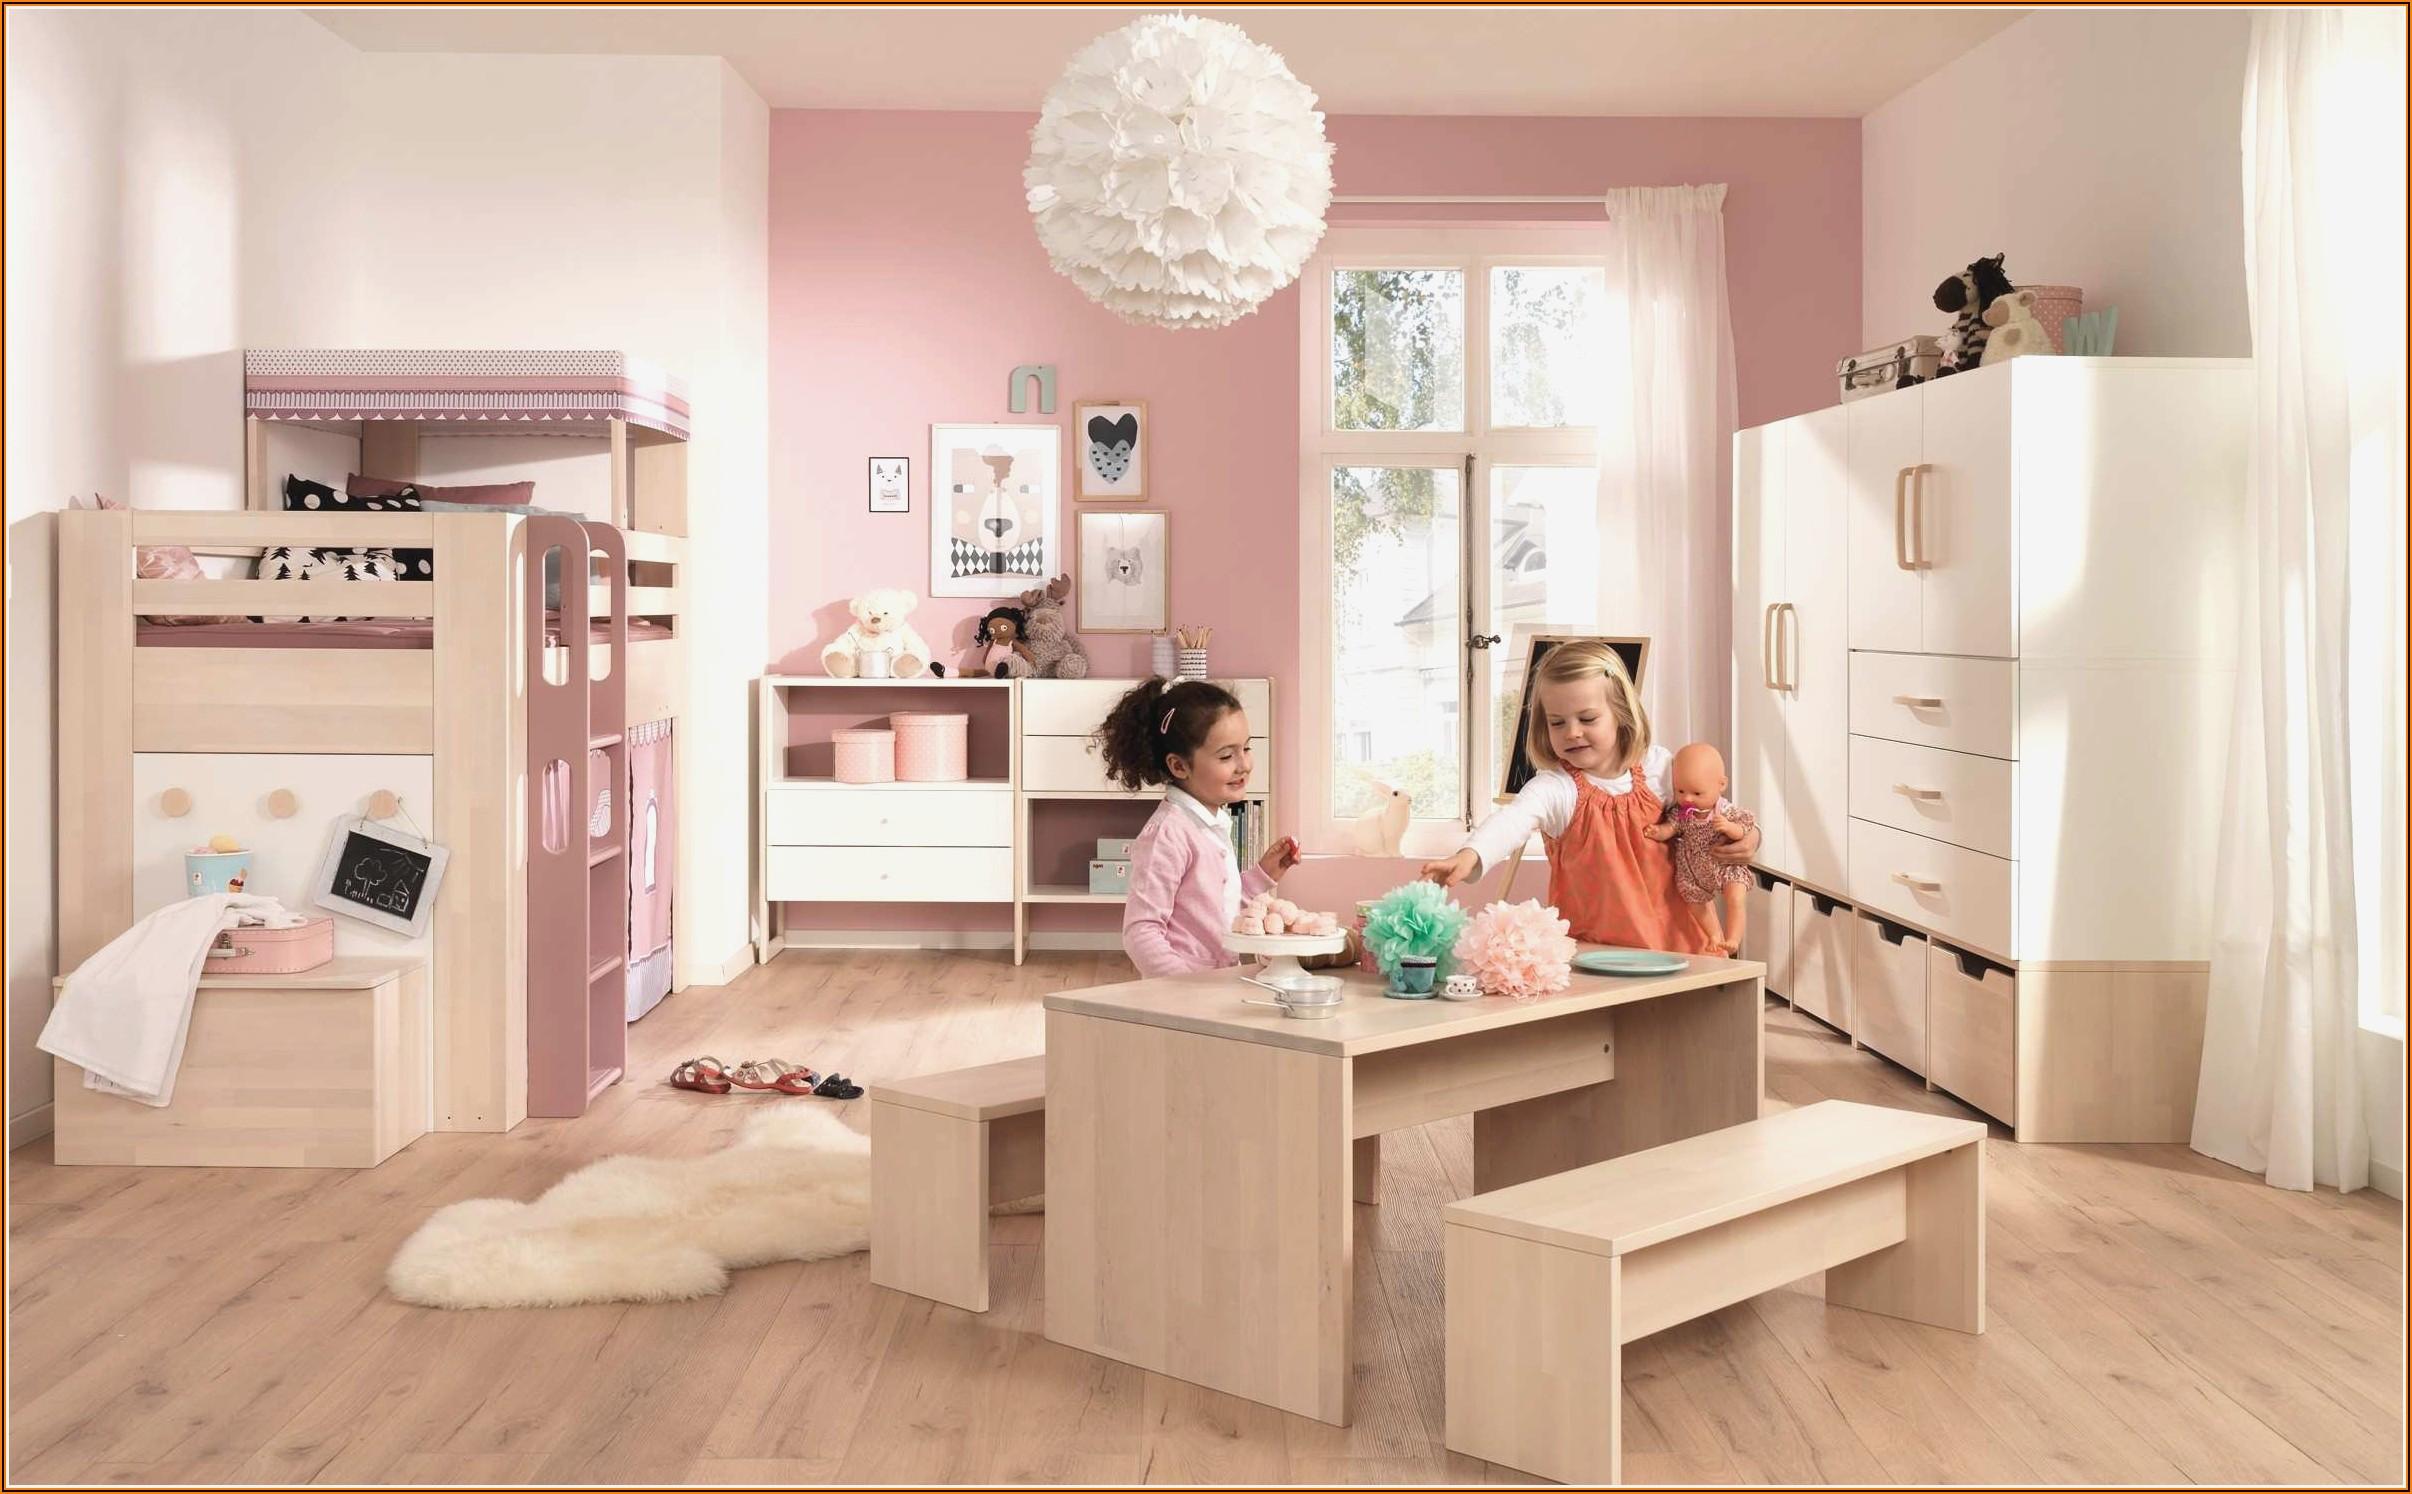 Kinderzimmer Deko Mädchen 9 Jahre